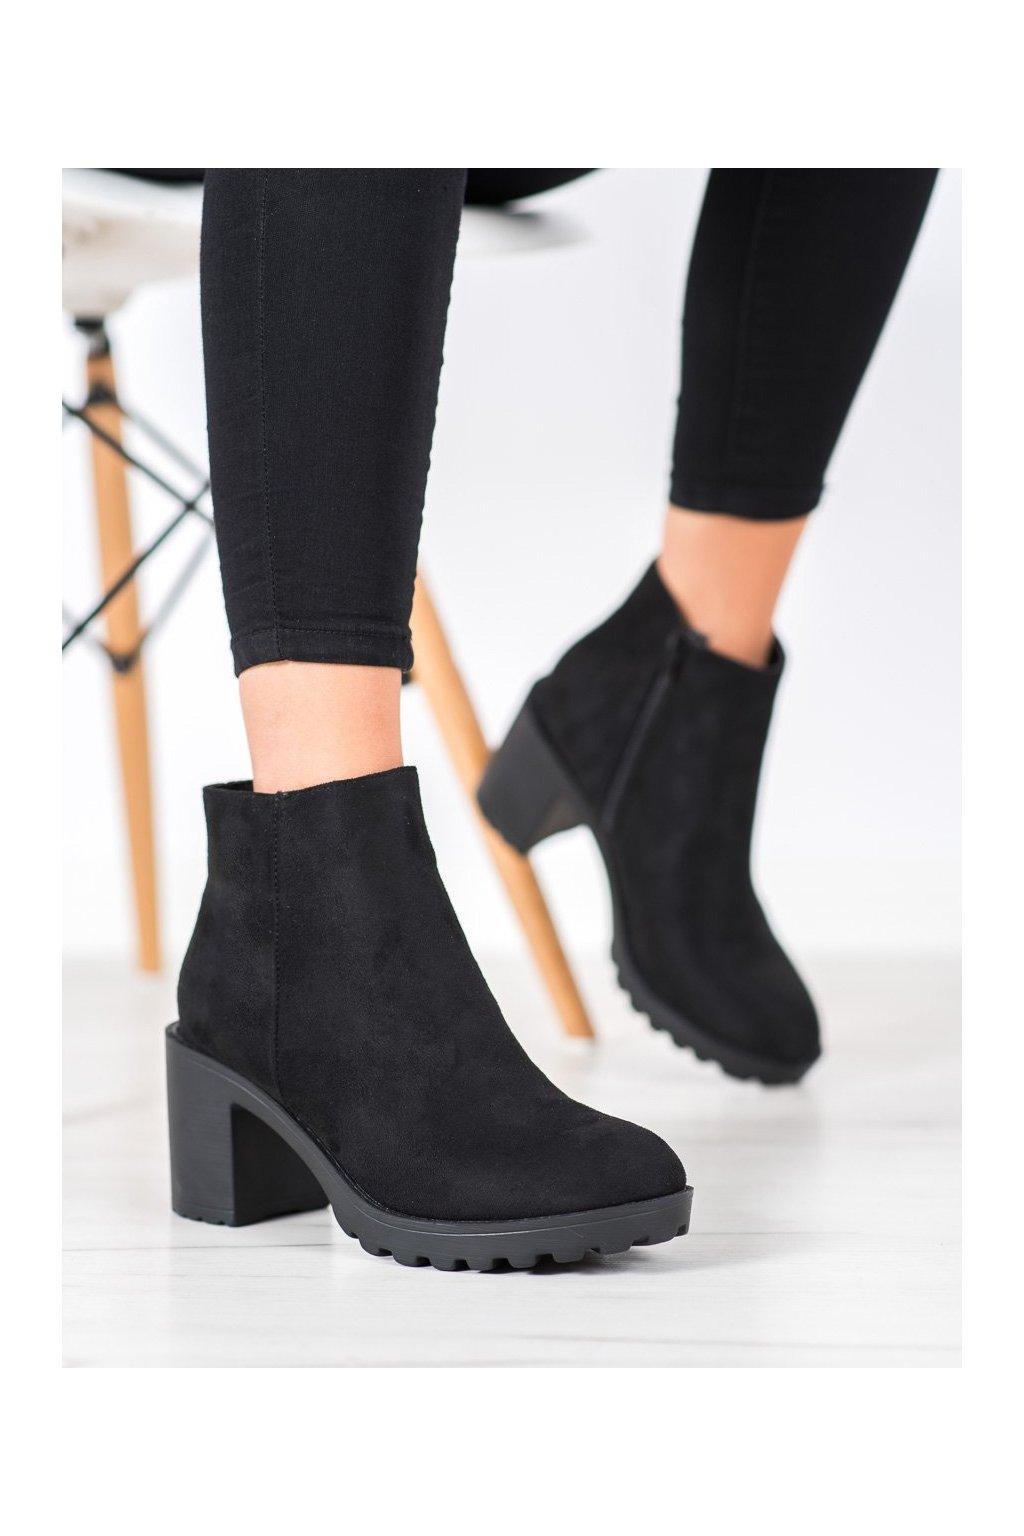 Čierne dámske topánky Laura mode kod FH001B